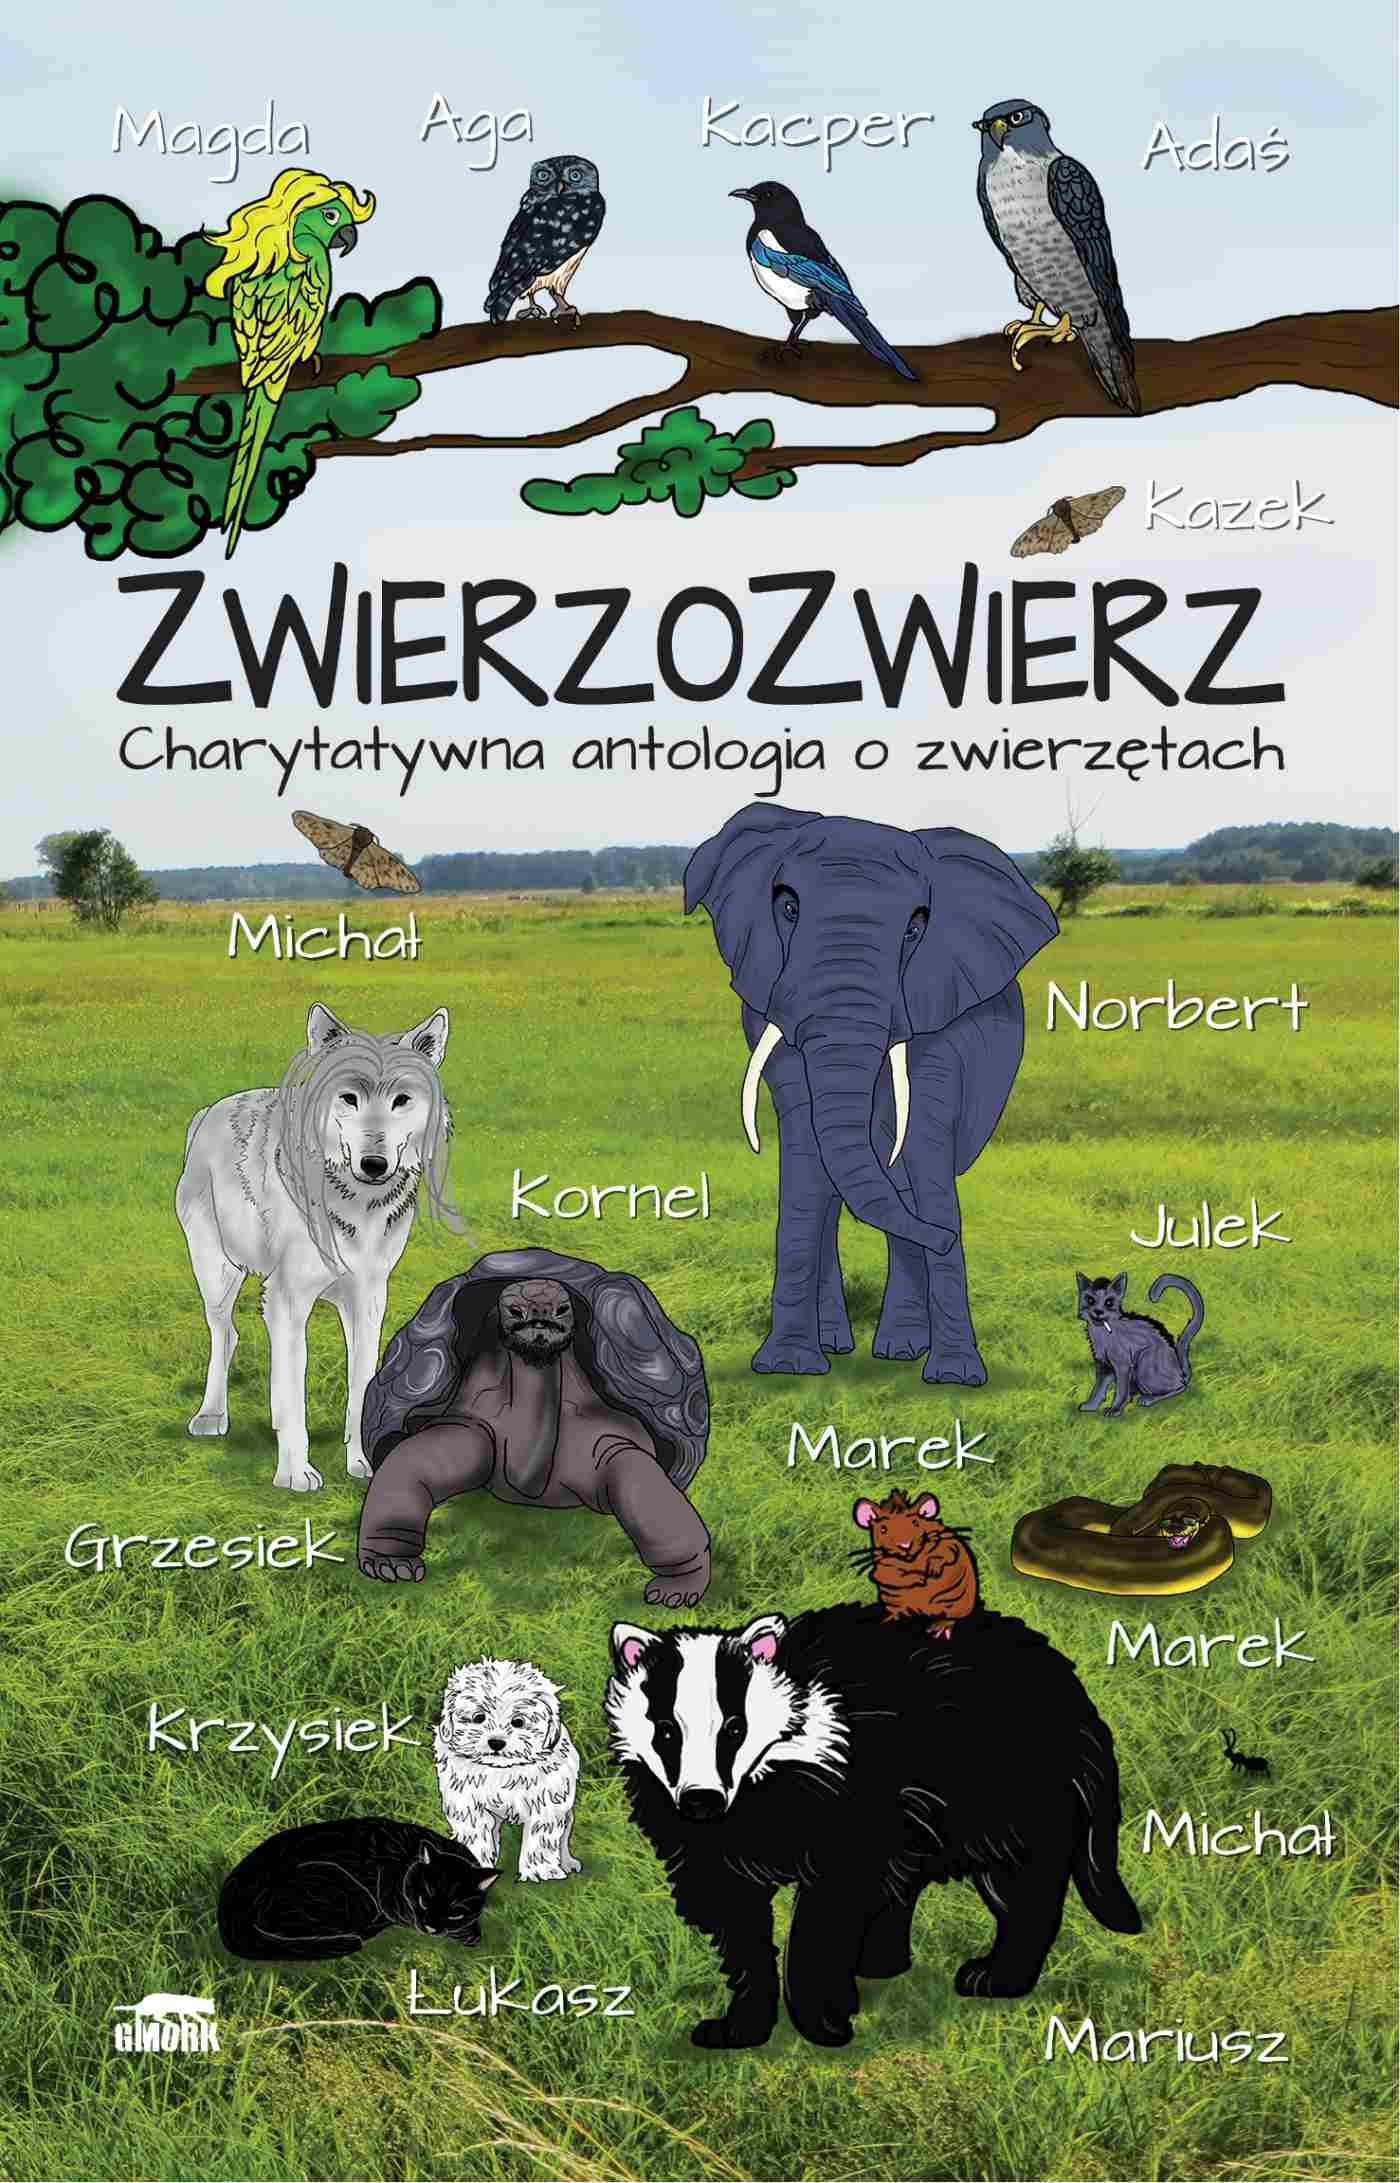 Zwierzozwierz. Charytatywna antologia o zwierzętach - Ebook (Książka EPUB) do pobrania w formacie EPUB